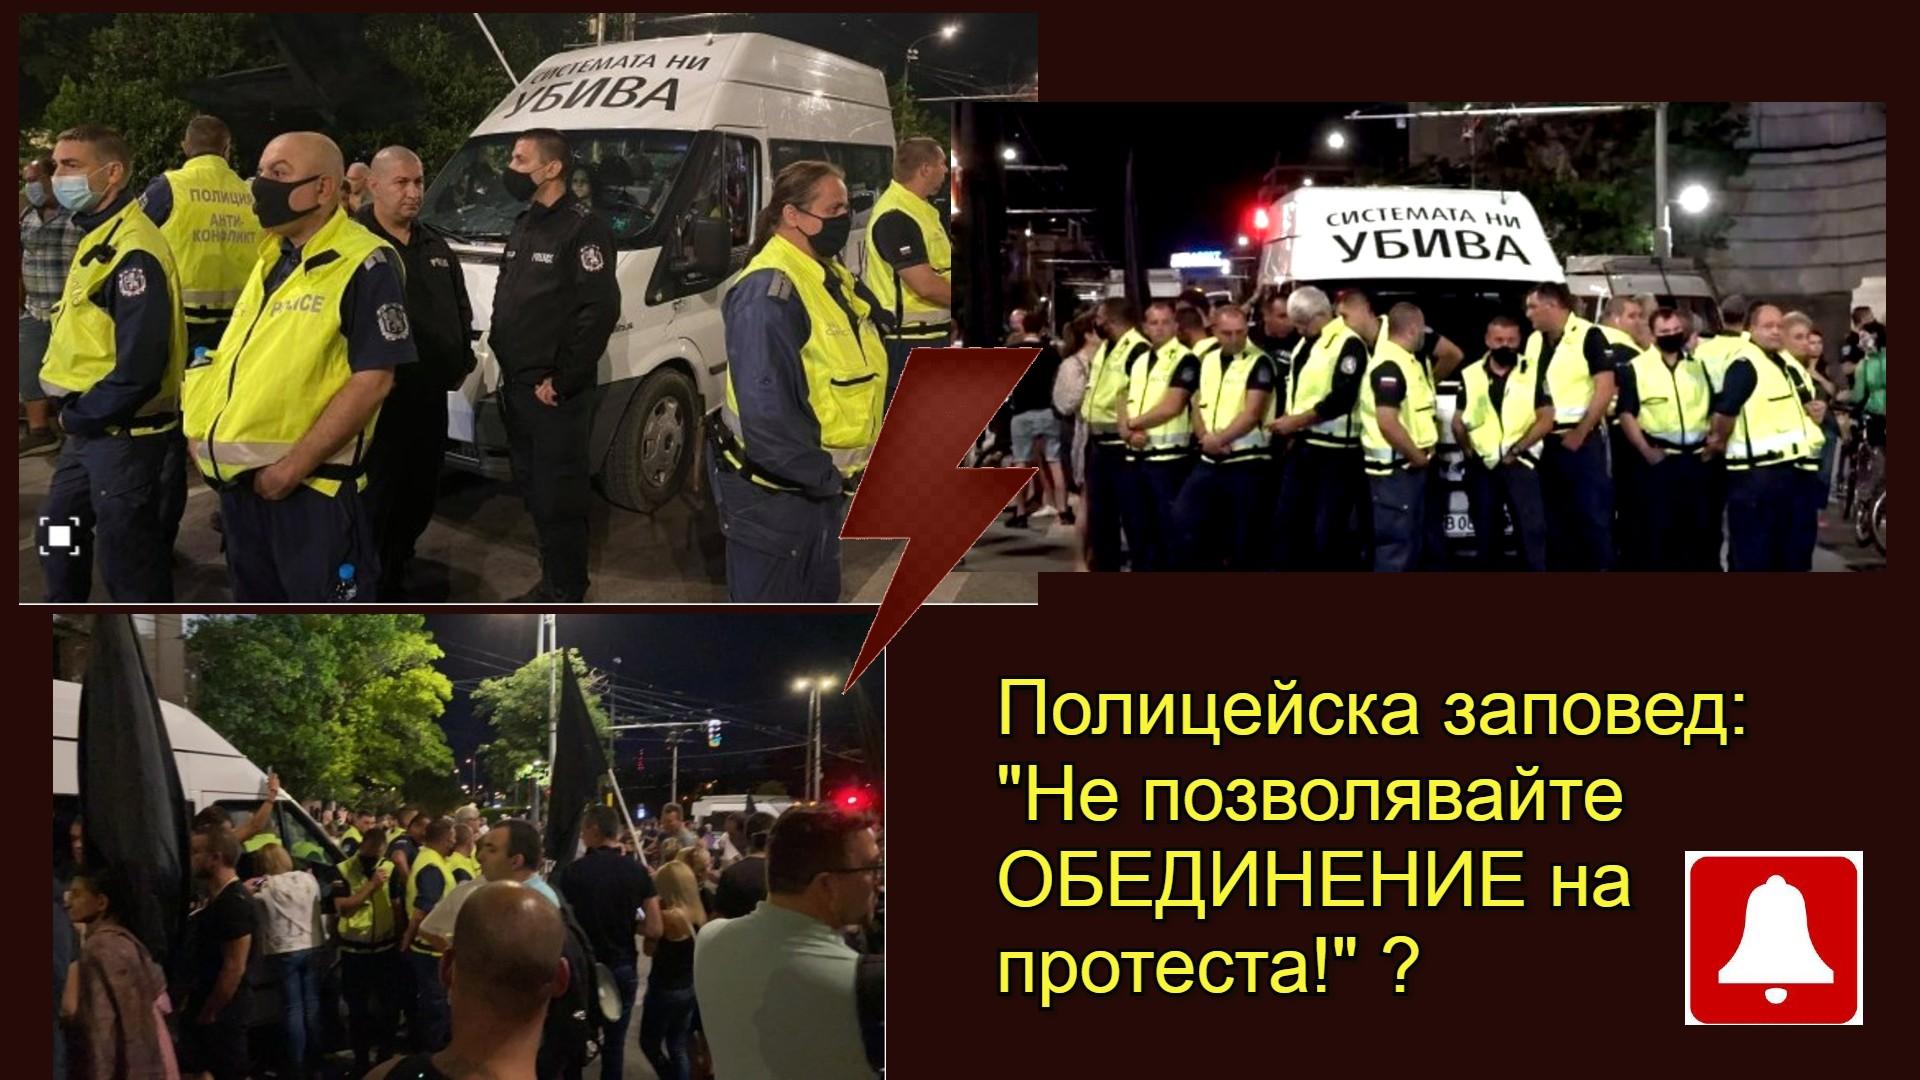 """Полицията пречи на протестите да се обединят. Спряха майките от """"Системата ни убива """" да не стигнат до Орлов мост"""